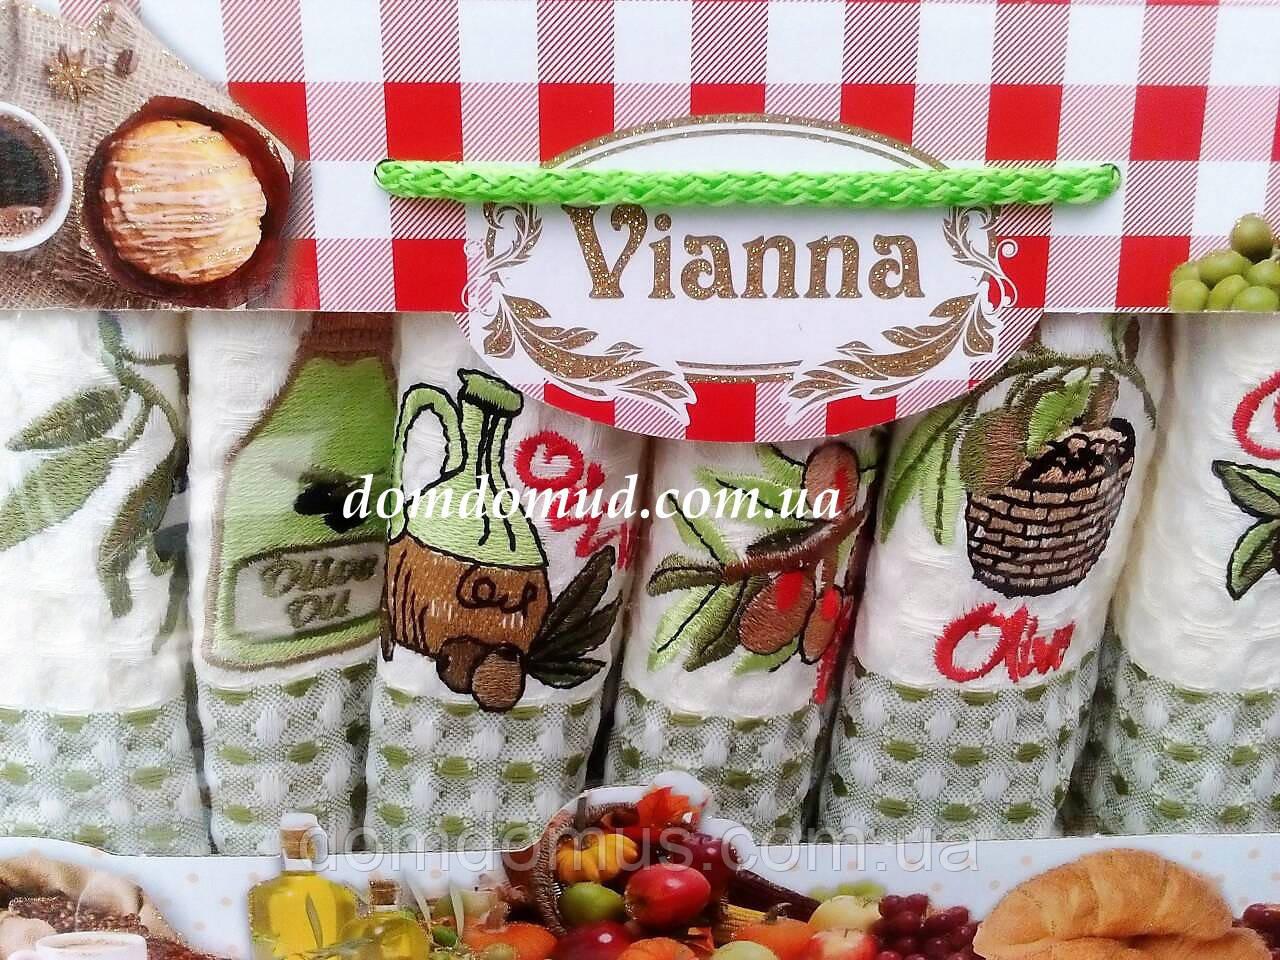 """Набор кухонных вафельных полотенец """"Олива"""" 35*50 см Vianna 6 шт.,Турция 521"""